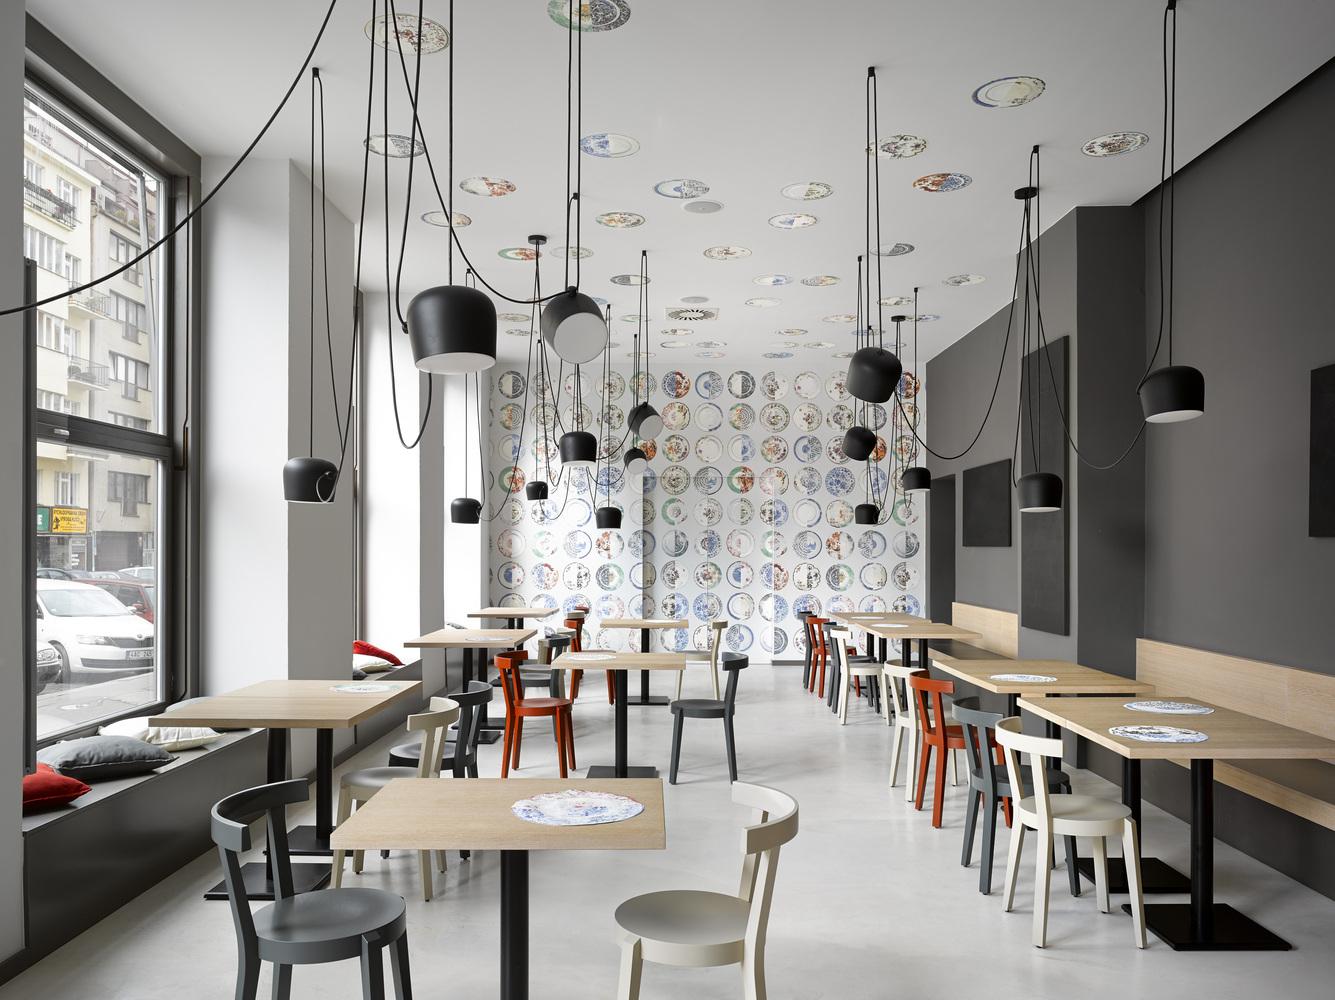 kiến trúc quán cafe nhỏ đẹp 1